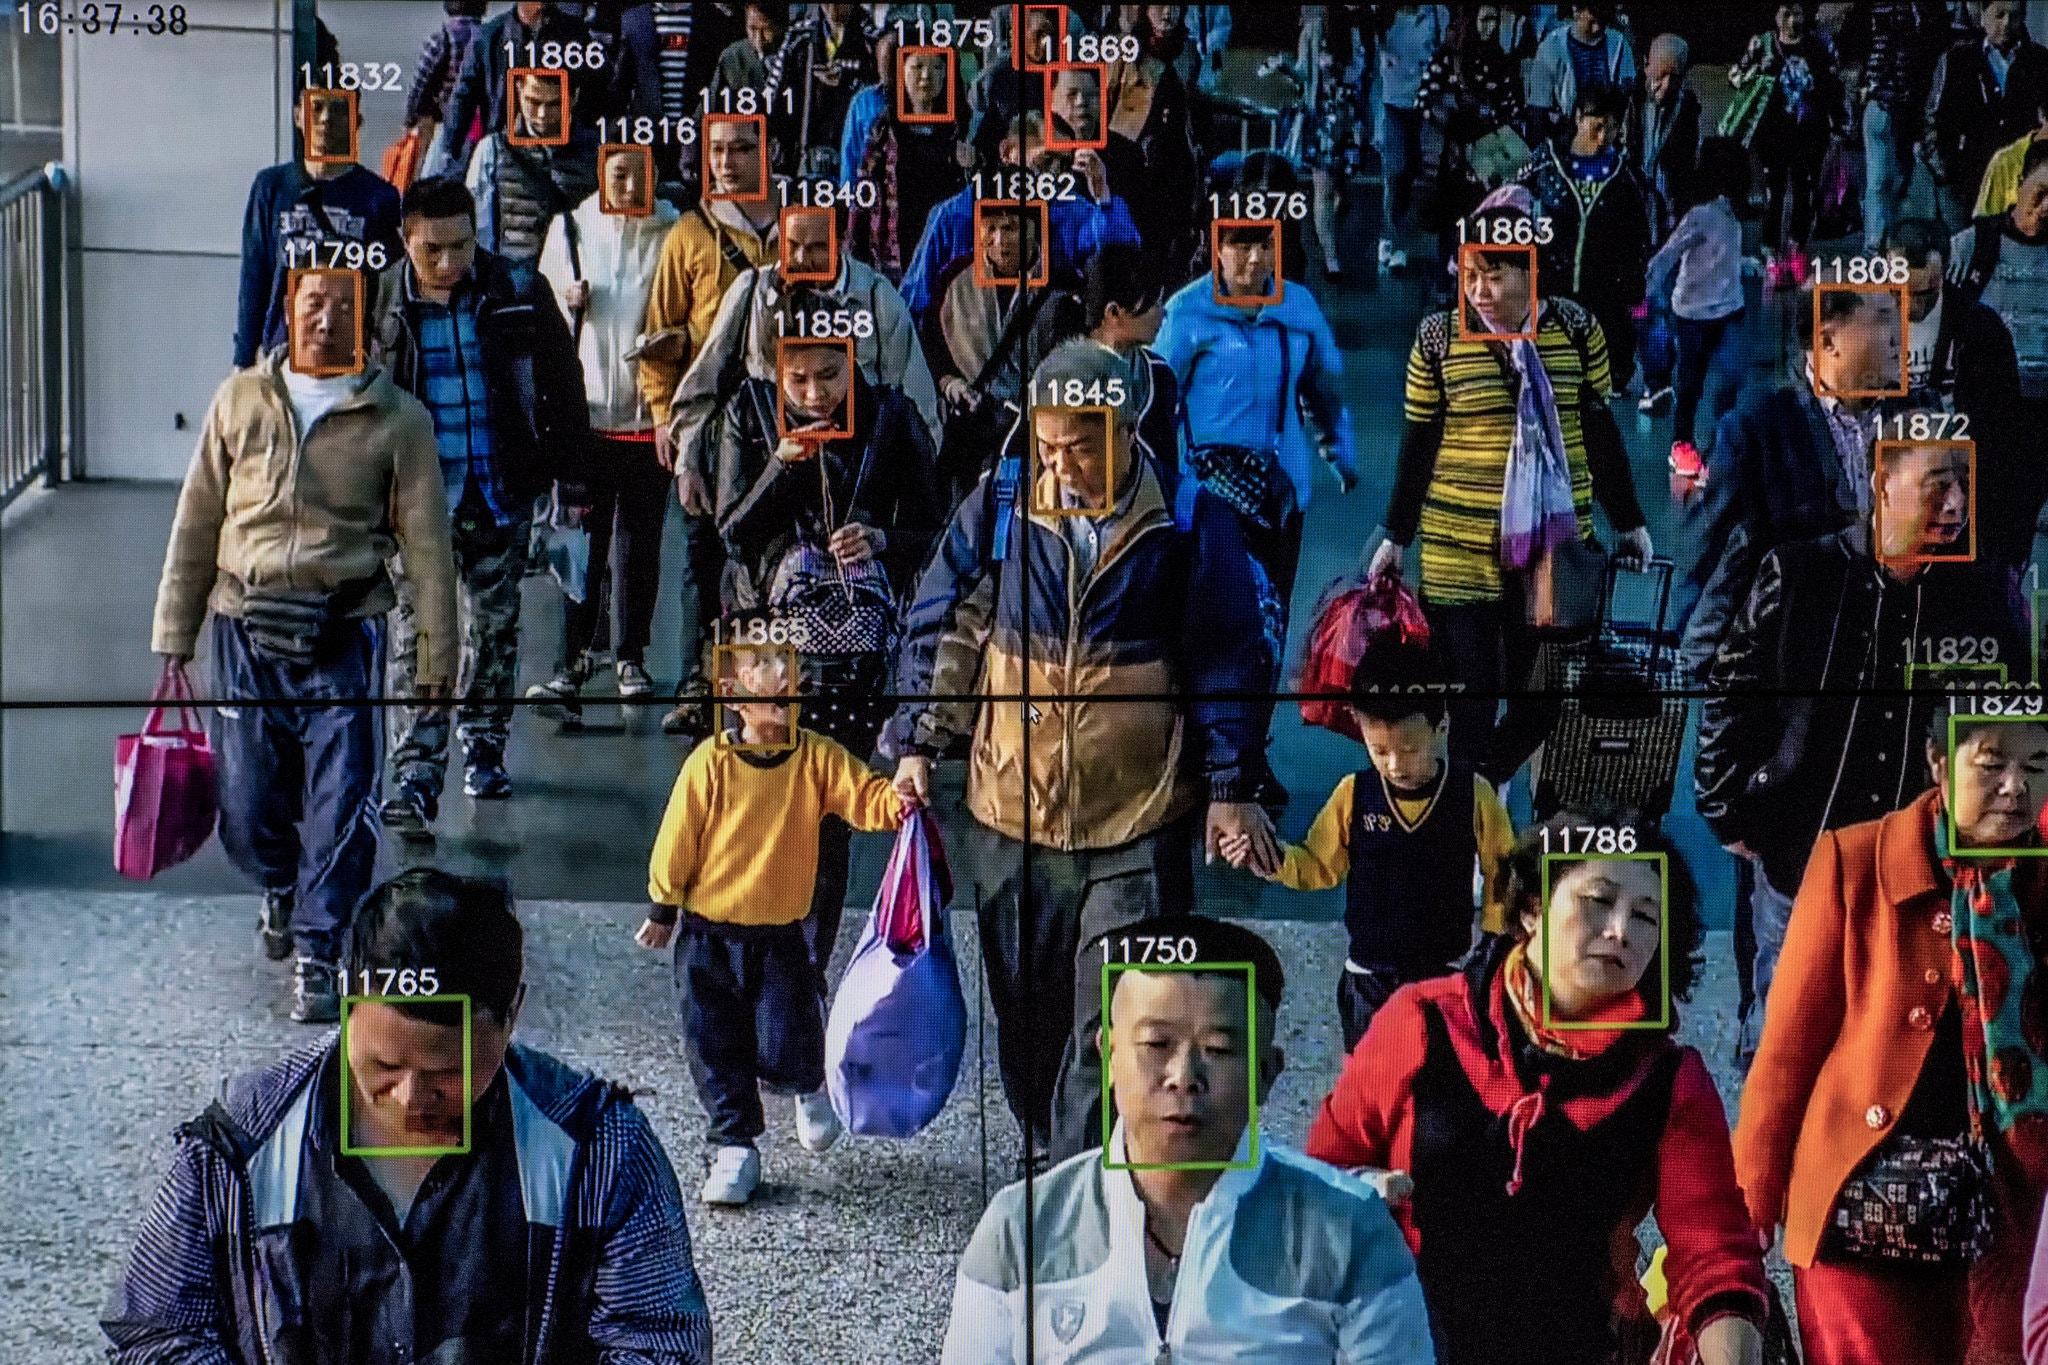 شهرهای چین تحت نظرترین و امنیتی ترین شهرهای جهان هستند که بیشترین تعداد دوربین مدار بسته به ازای هر شهروند را در خود دارند.